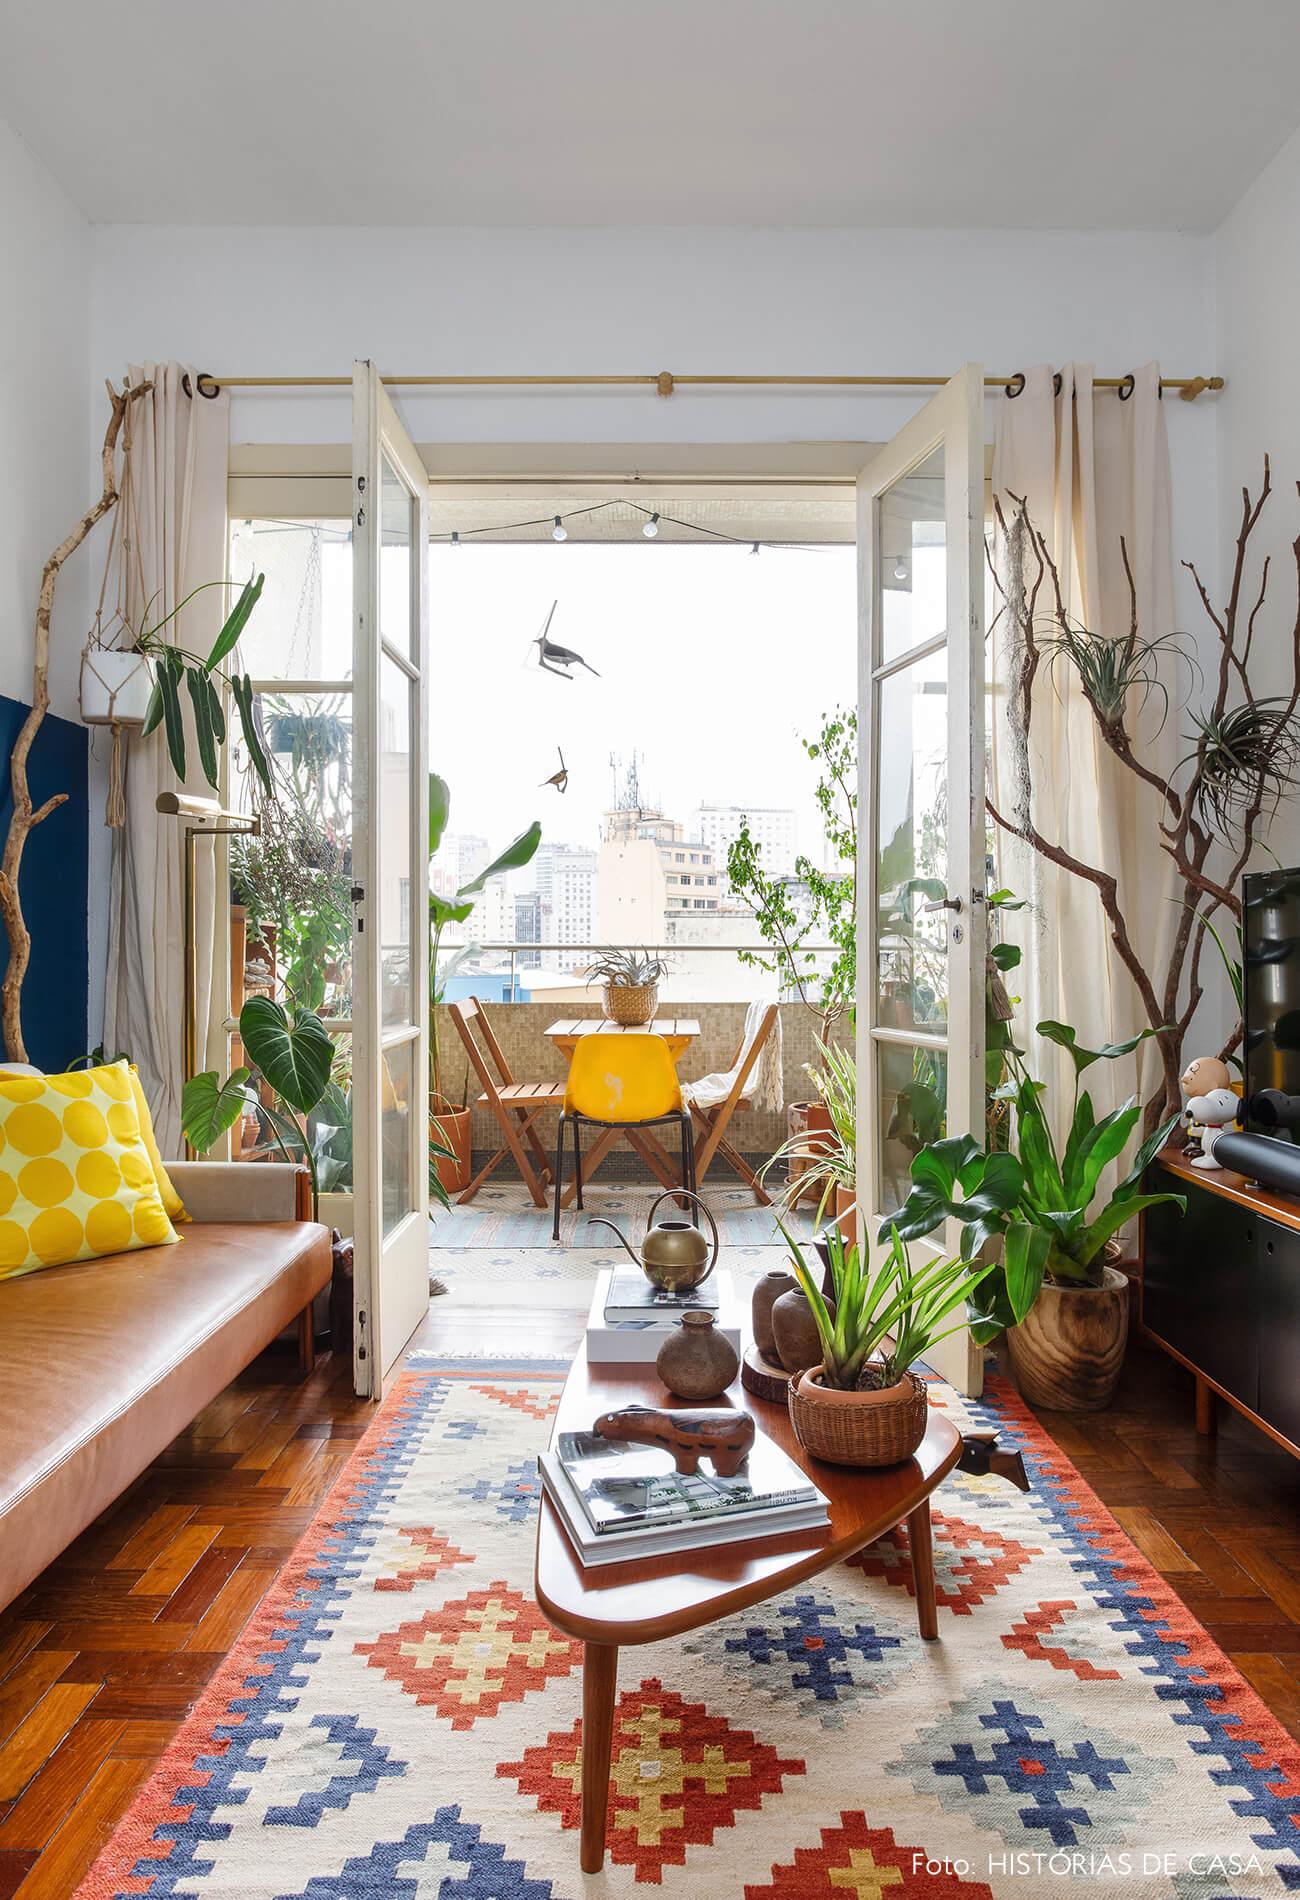 Sala integrada com varanda e móveis vintage